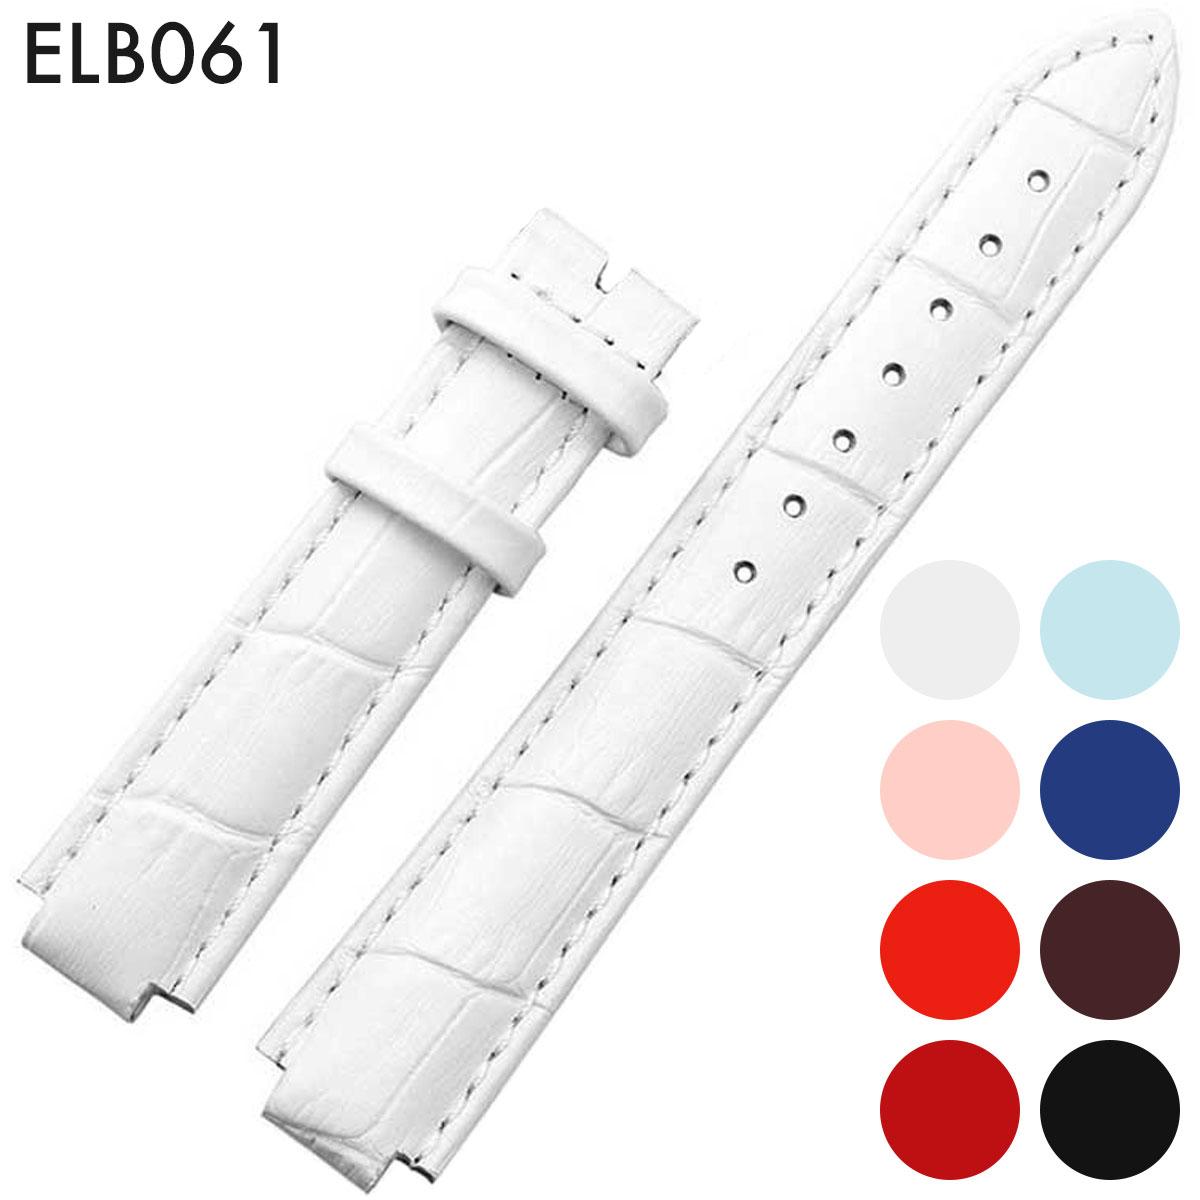 腕時計用アクセサリー, 腕時計用ベルト・バンド SALE 14mm18mm20mm : Cartier () Eight - ELB061